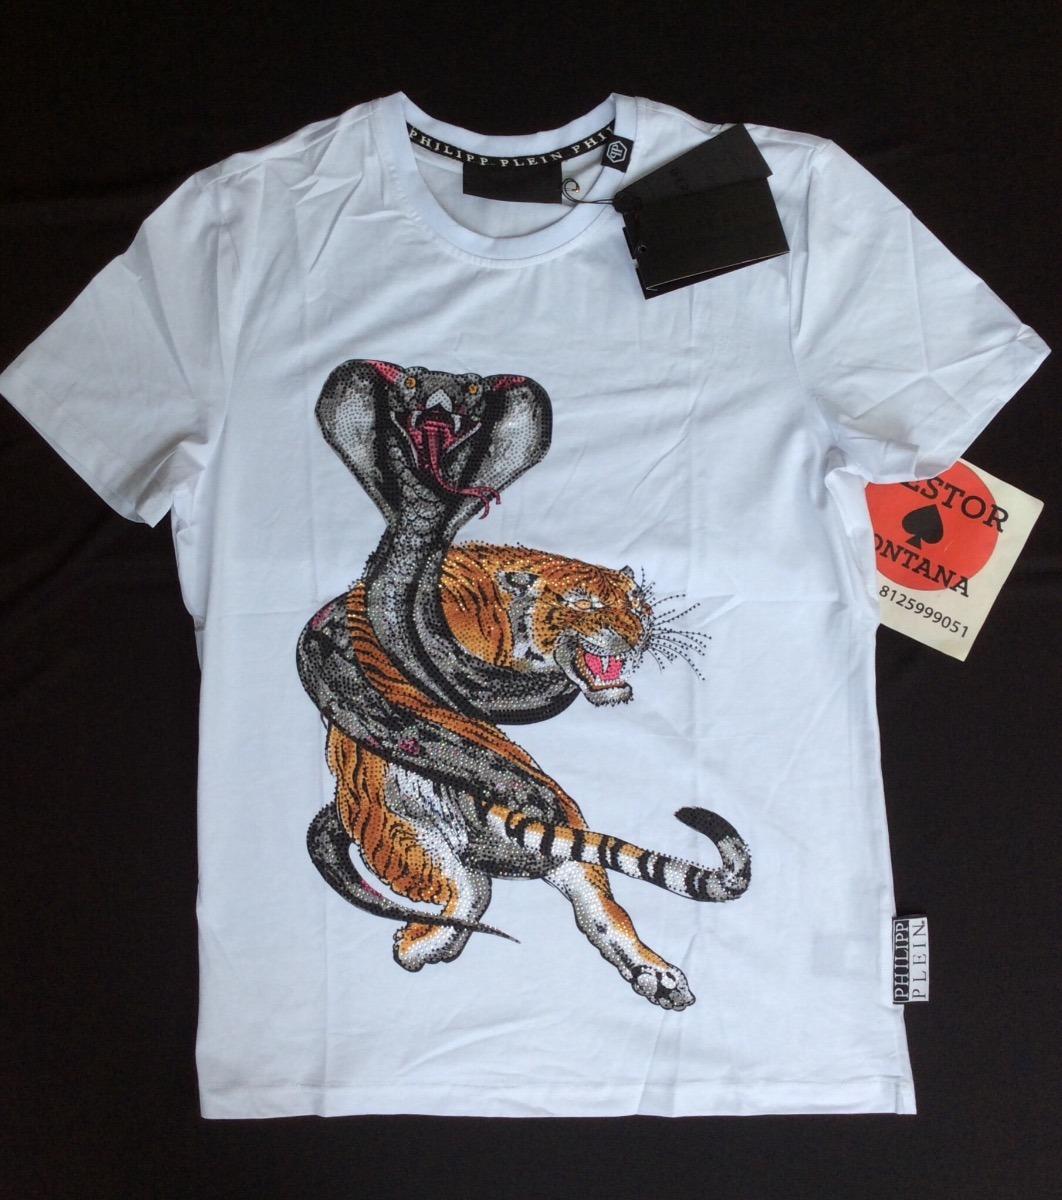 6393b82bc3686 Playera gucci gato serpiente tigre en mercado libre jpg 1062x1200 Playera  serpiente gucci logo